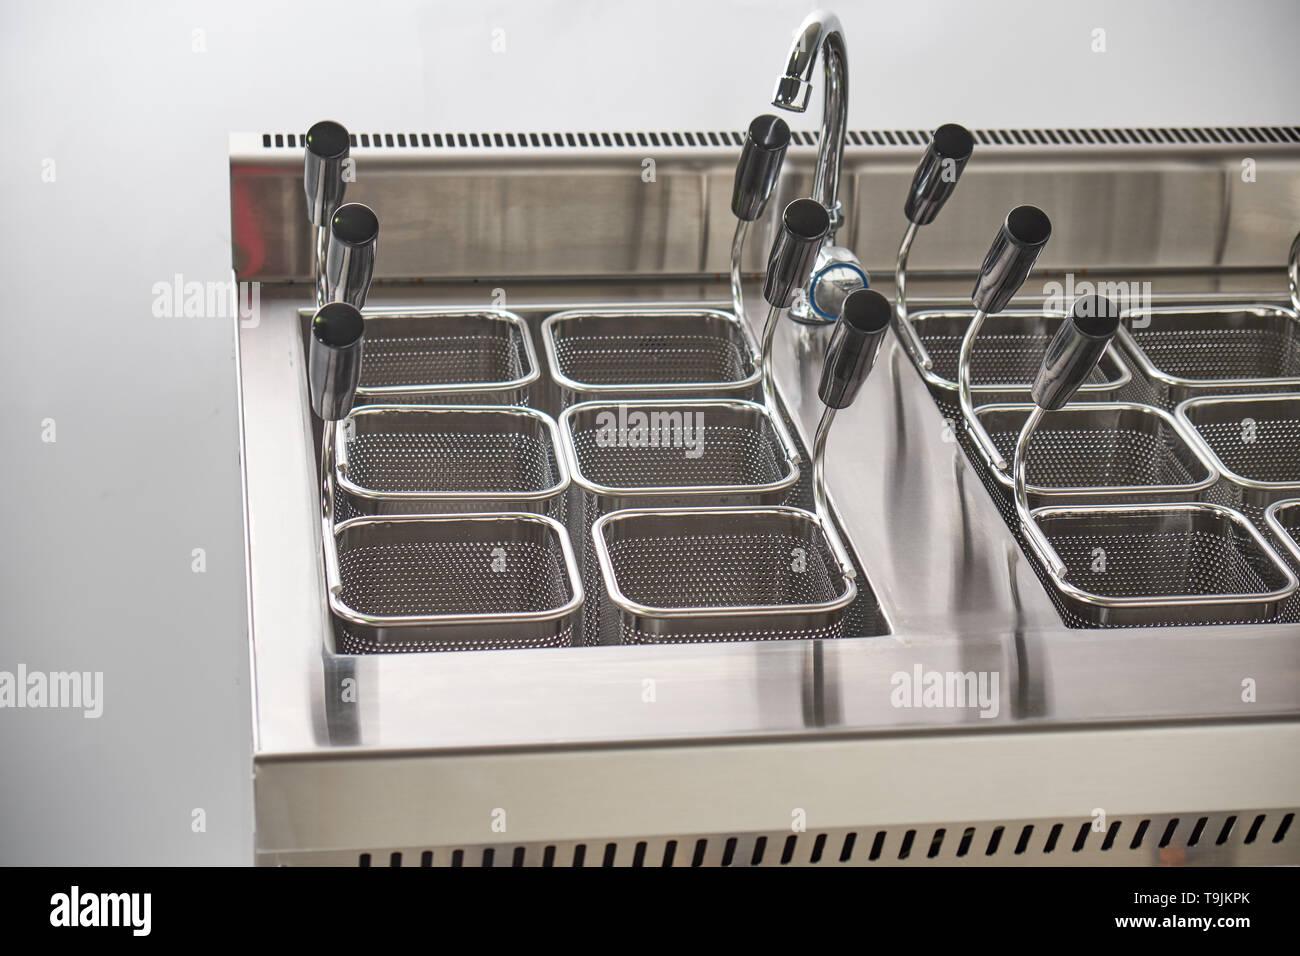 Cuisinière électrique à vapeur pour le deuxième cours. Cuisine équipement industriel. Restauration Banque D'Images